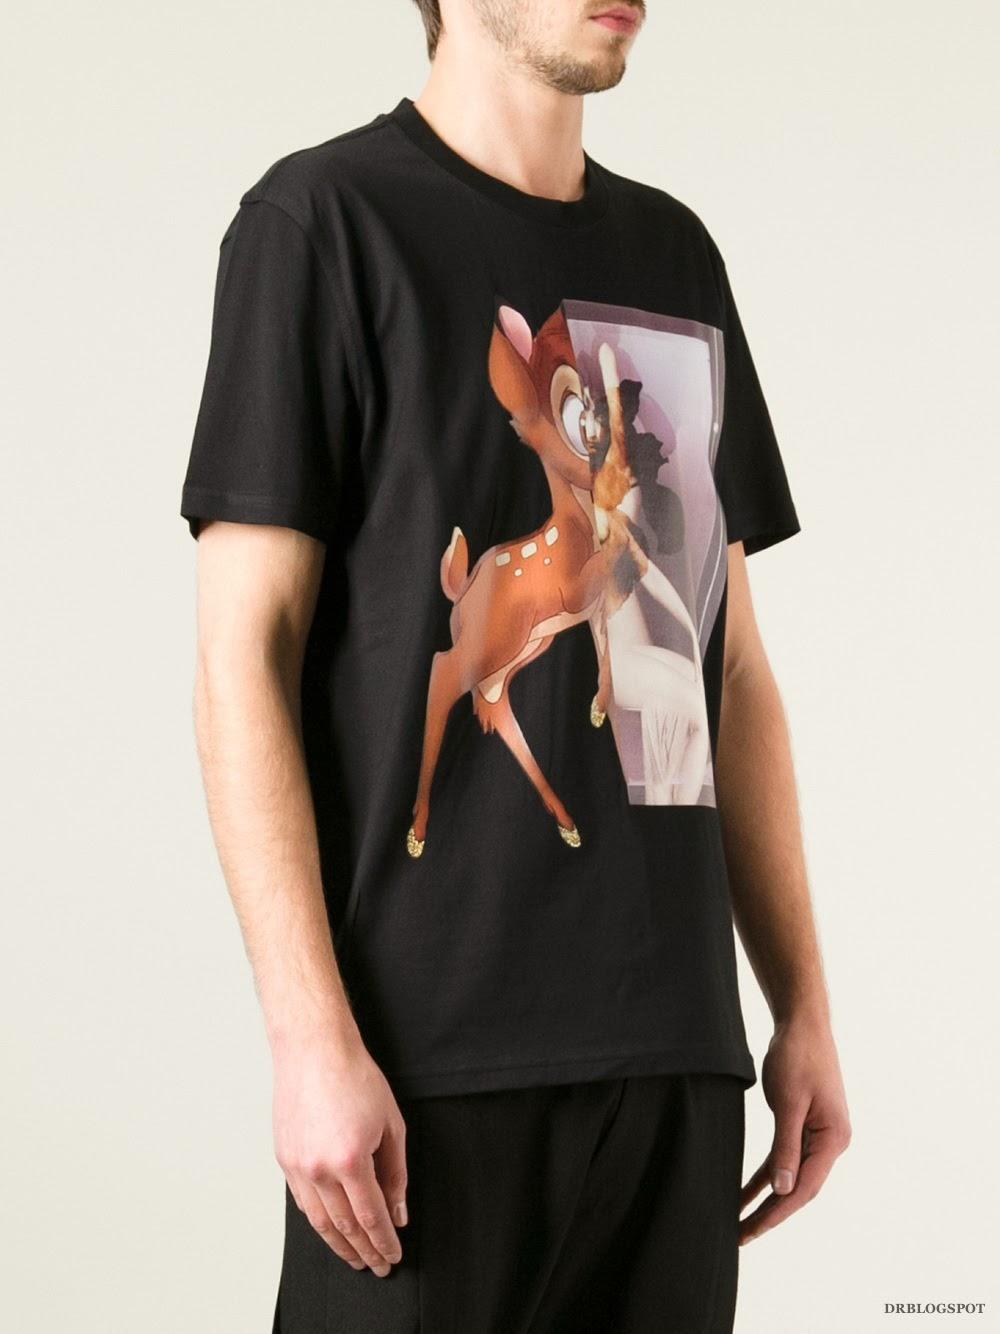 Givenchy Bambi amp FemaleForm Scarf限定価格セール